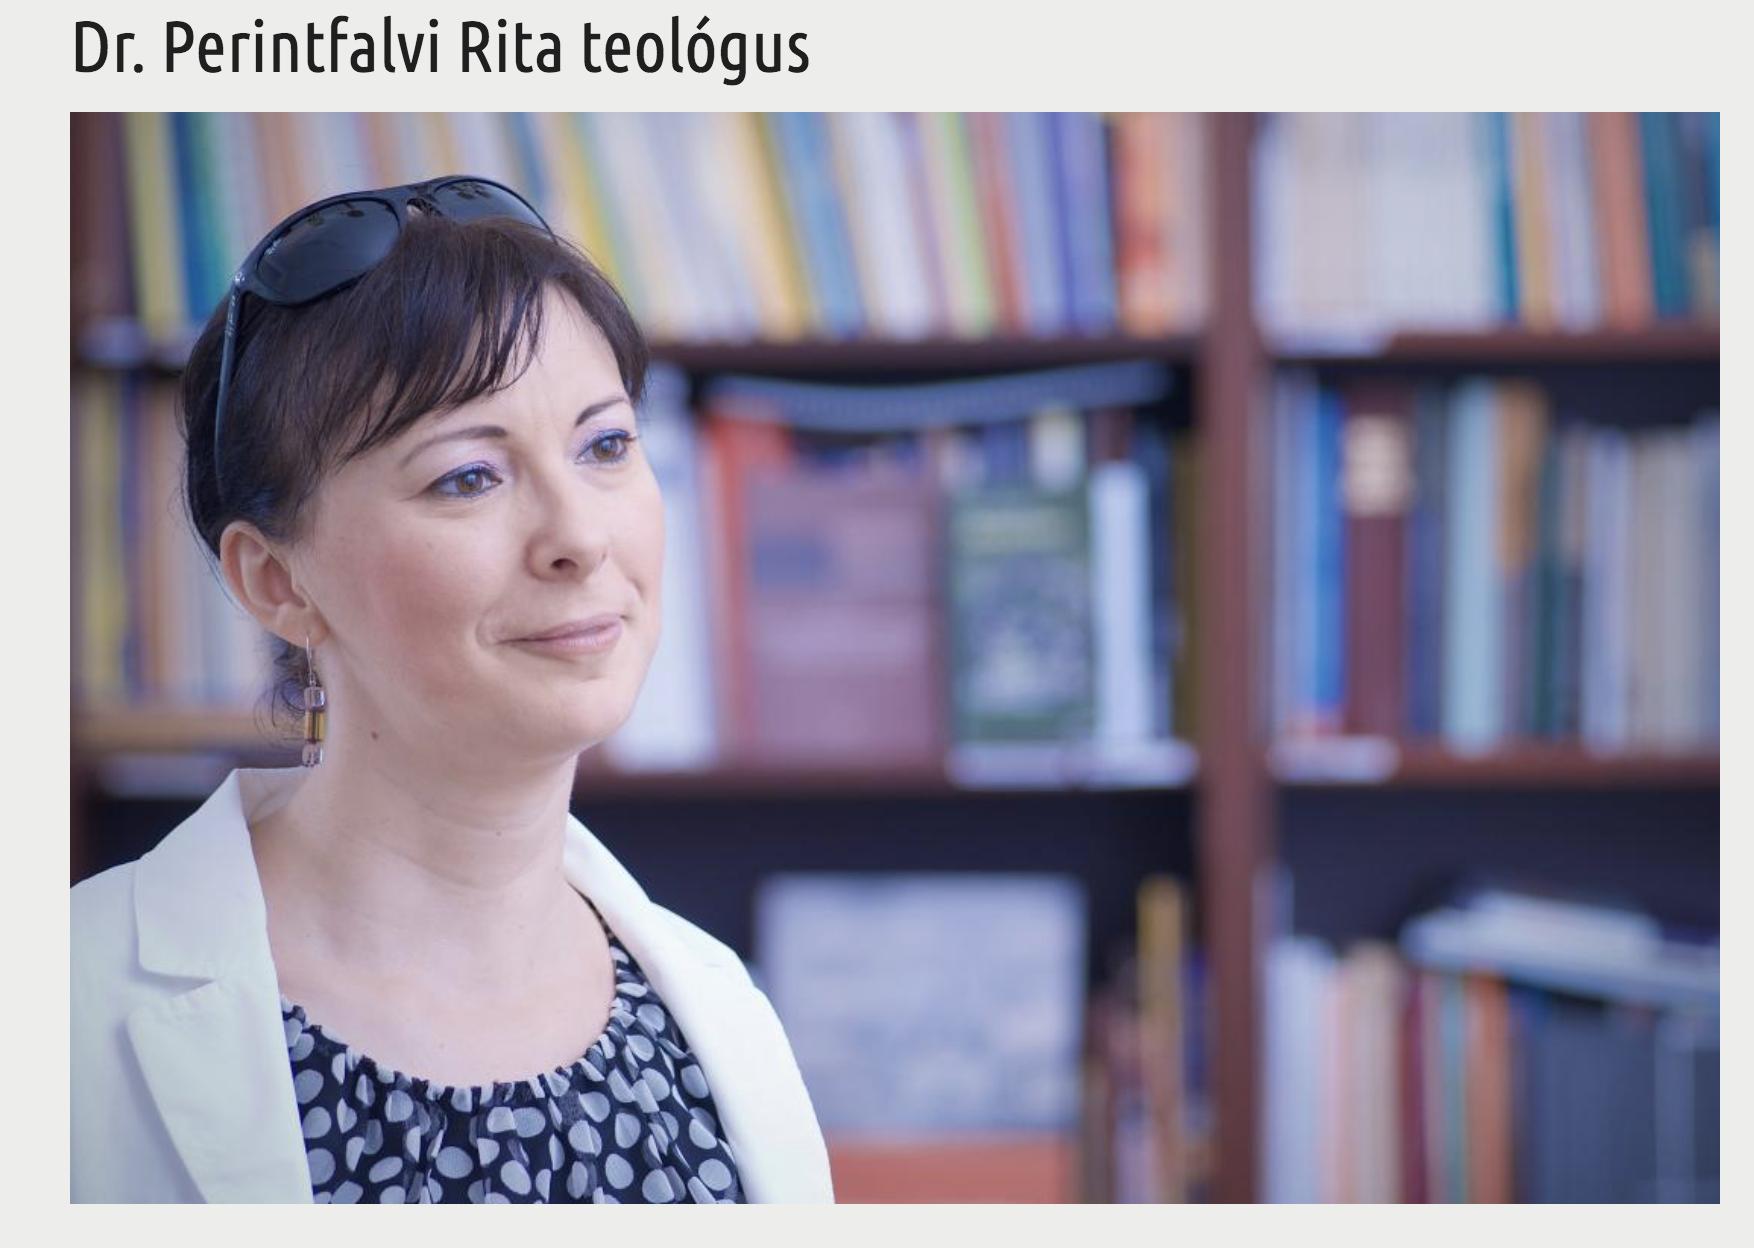 Interjú a Tilos Rádióban: progresszív teológia, feminizmus és az egyházi szexuális visszaélések feltárása